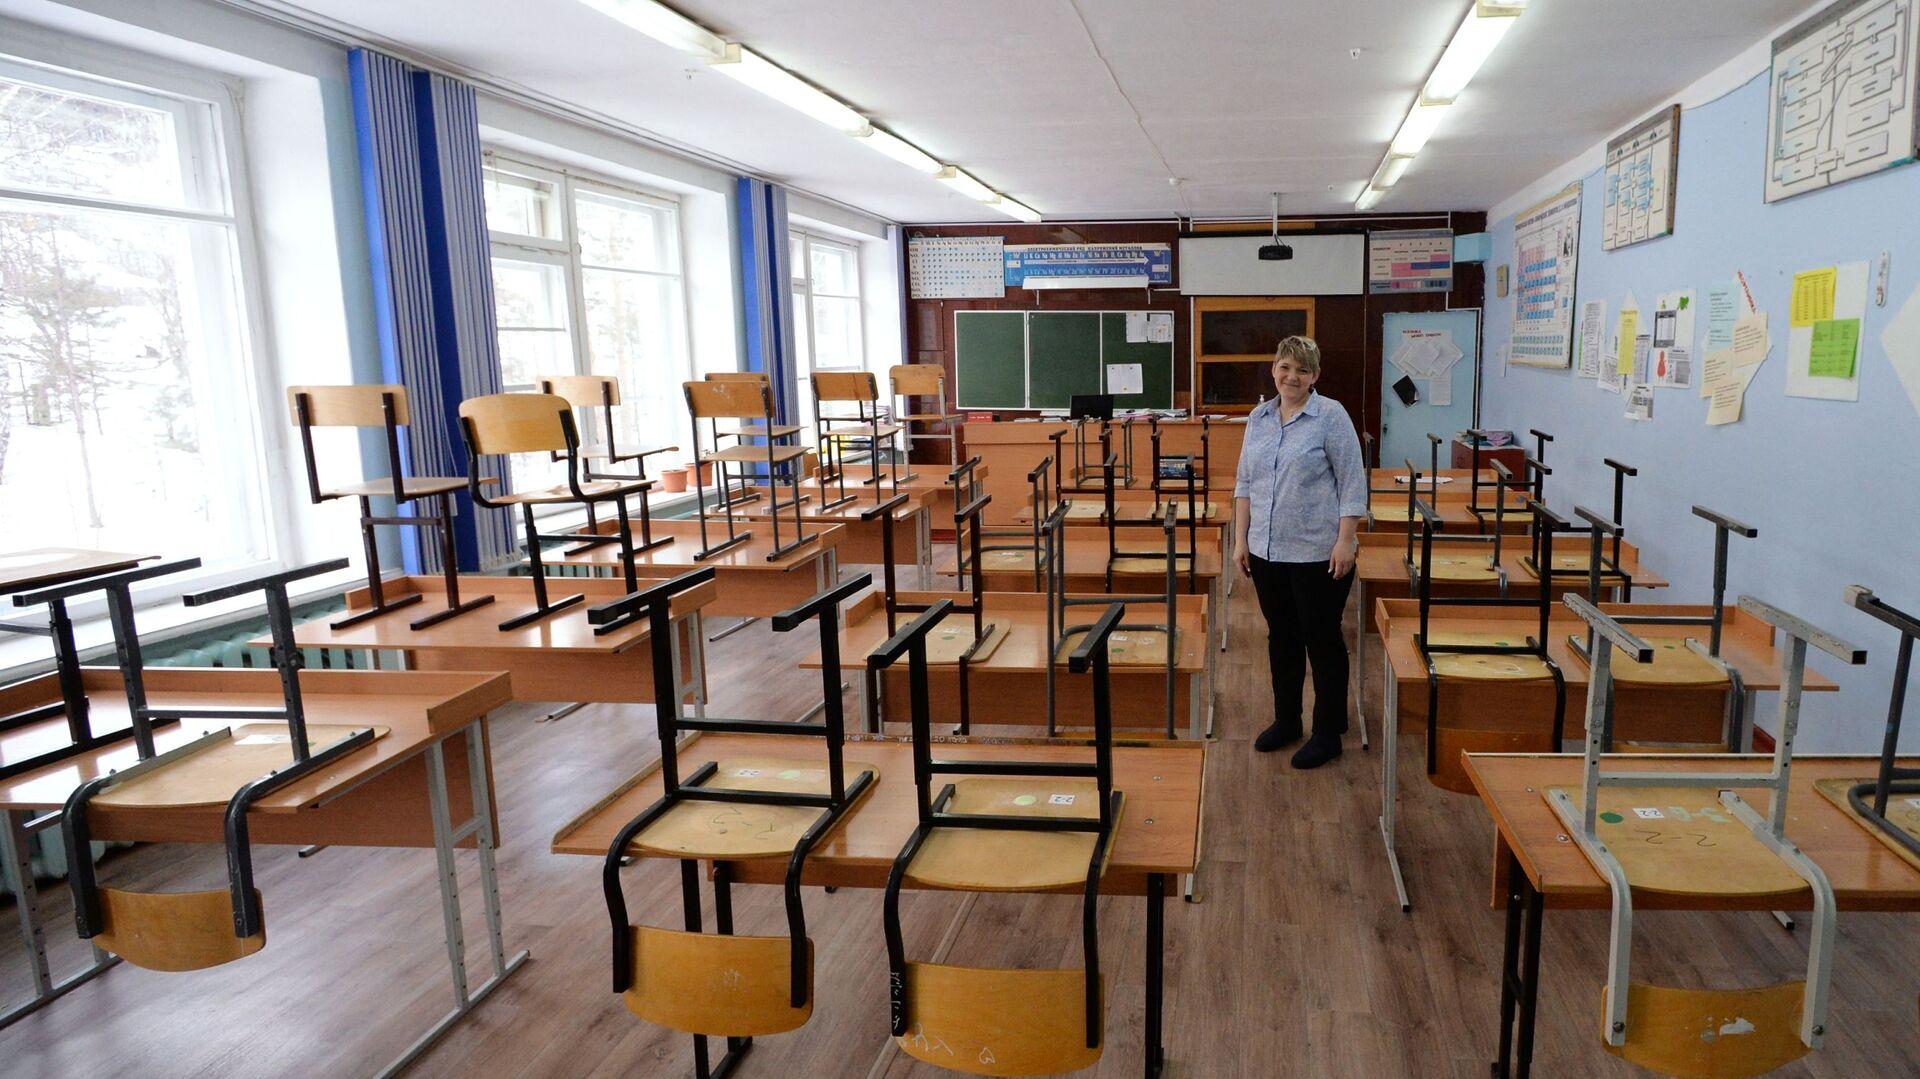 Работа школы  - РИА Новости, 1920, 17.09.2021